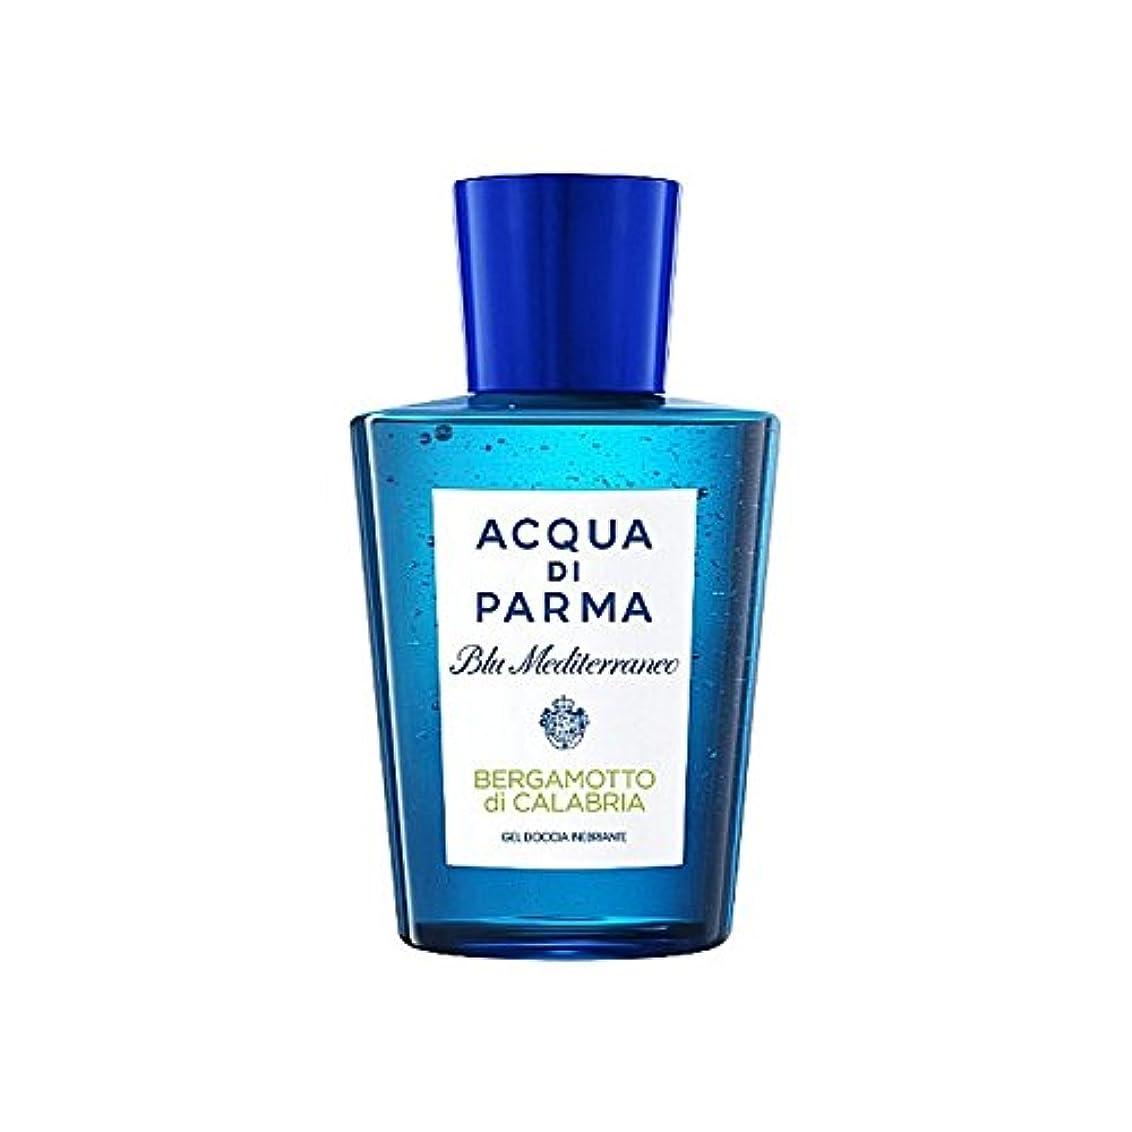 別々に意見動くAcqua Di Parma Blu Mediterraneo Bergamotto Di Calabria Shower Gel 200ml - アクアディパルマブルーメディのディカラブリアシャワージェル200 [並行輸入品]